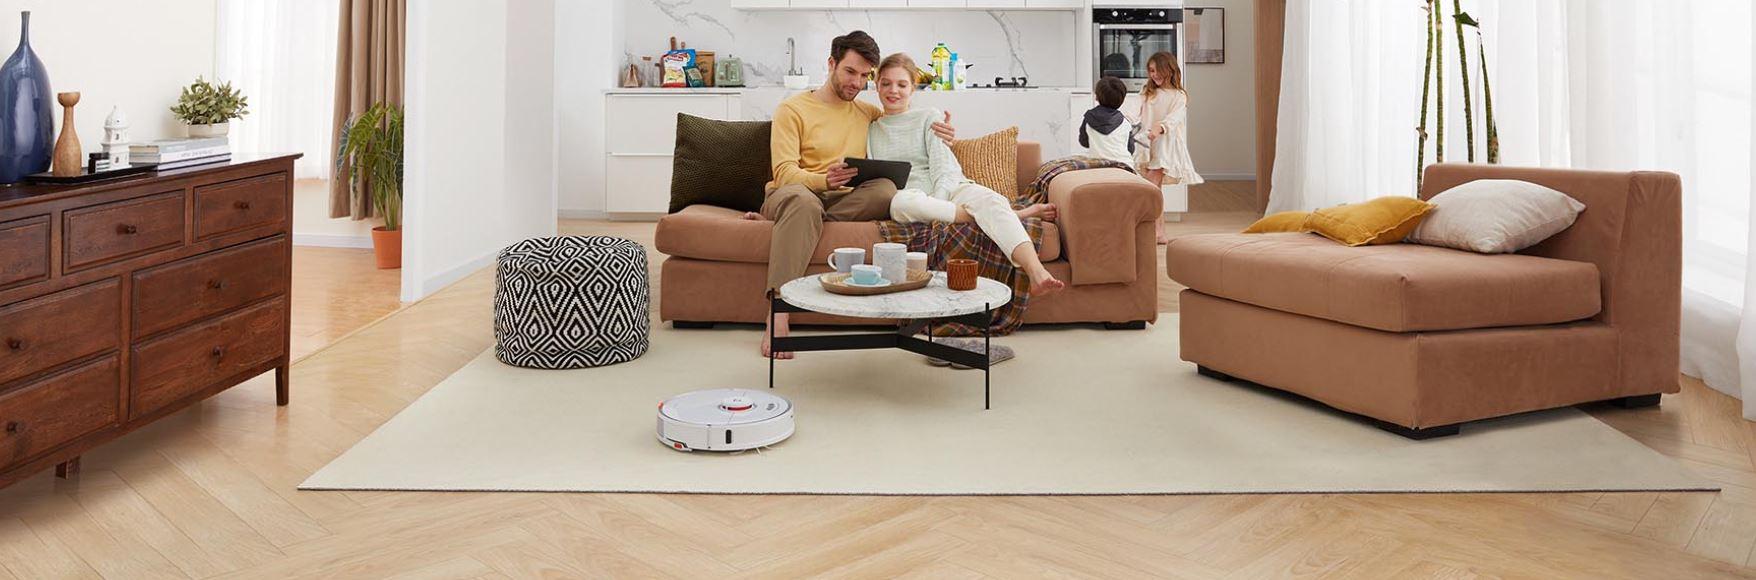 Roborock S7 - robot sprzątający - rodzina